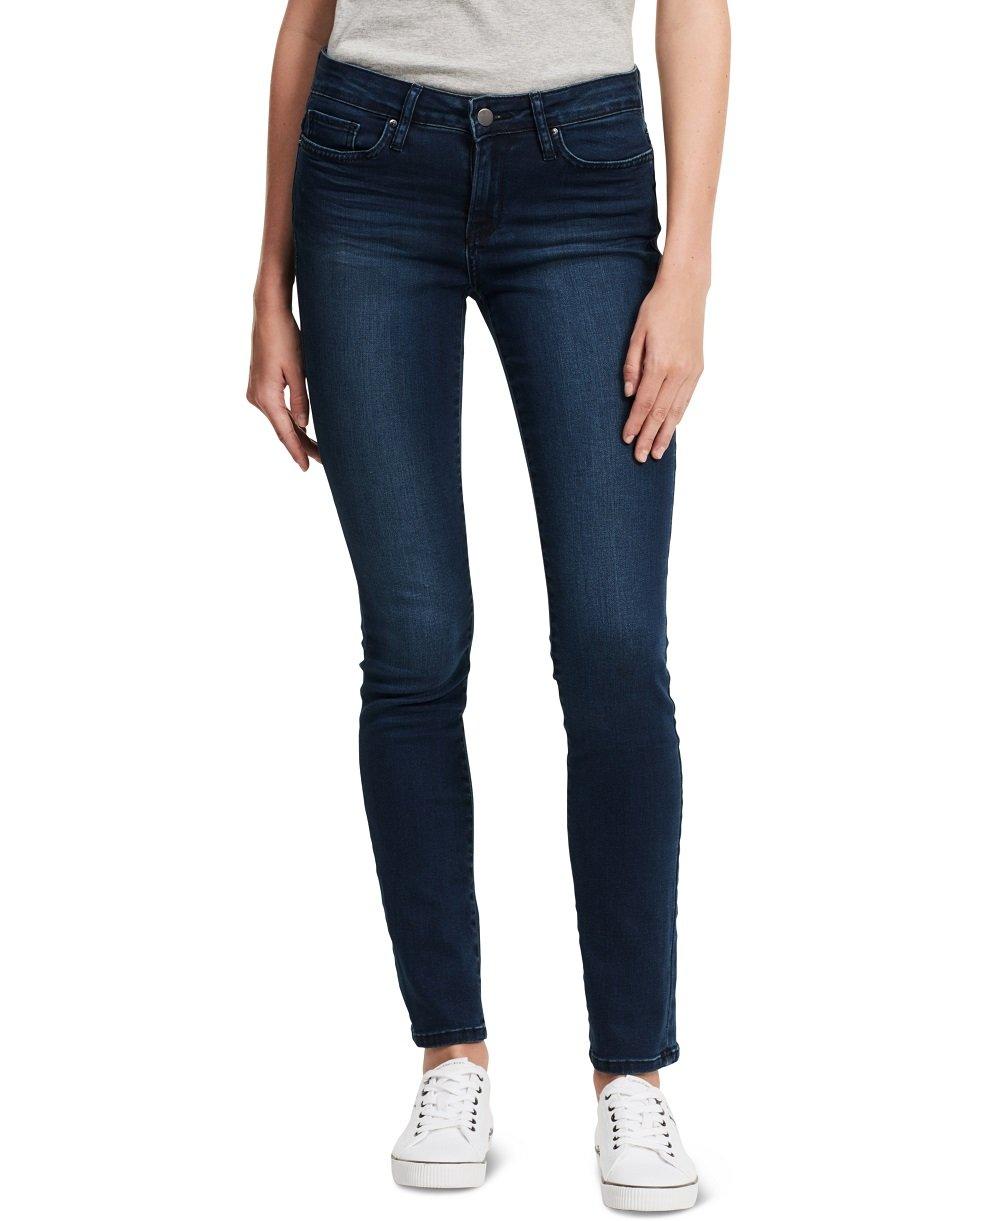 Calvin Klein womens Skinny Jean, Green Tomato, 28x30